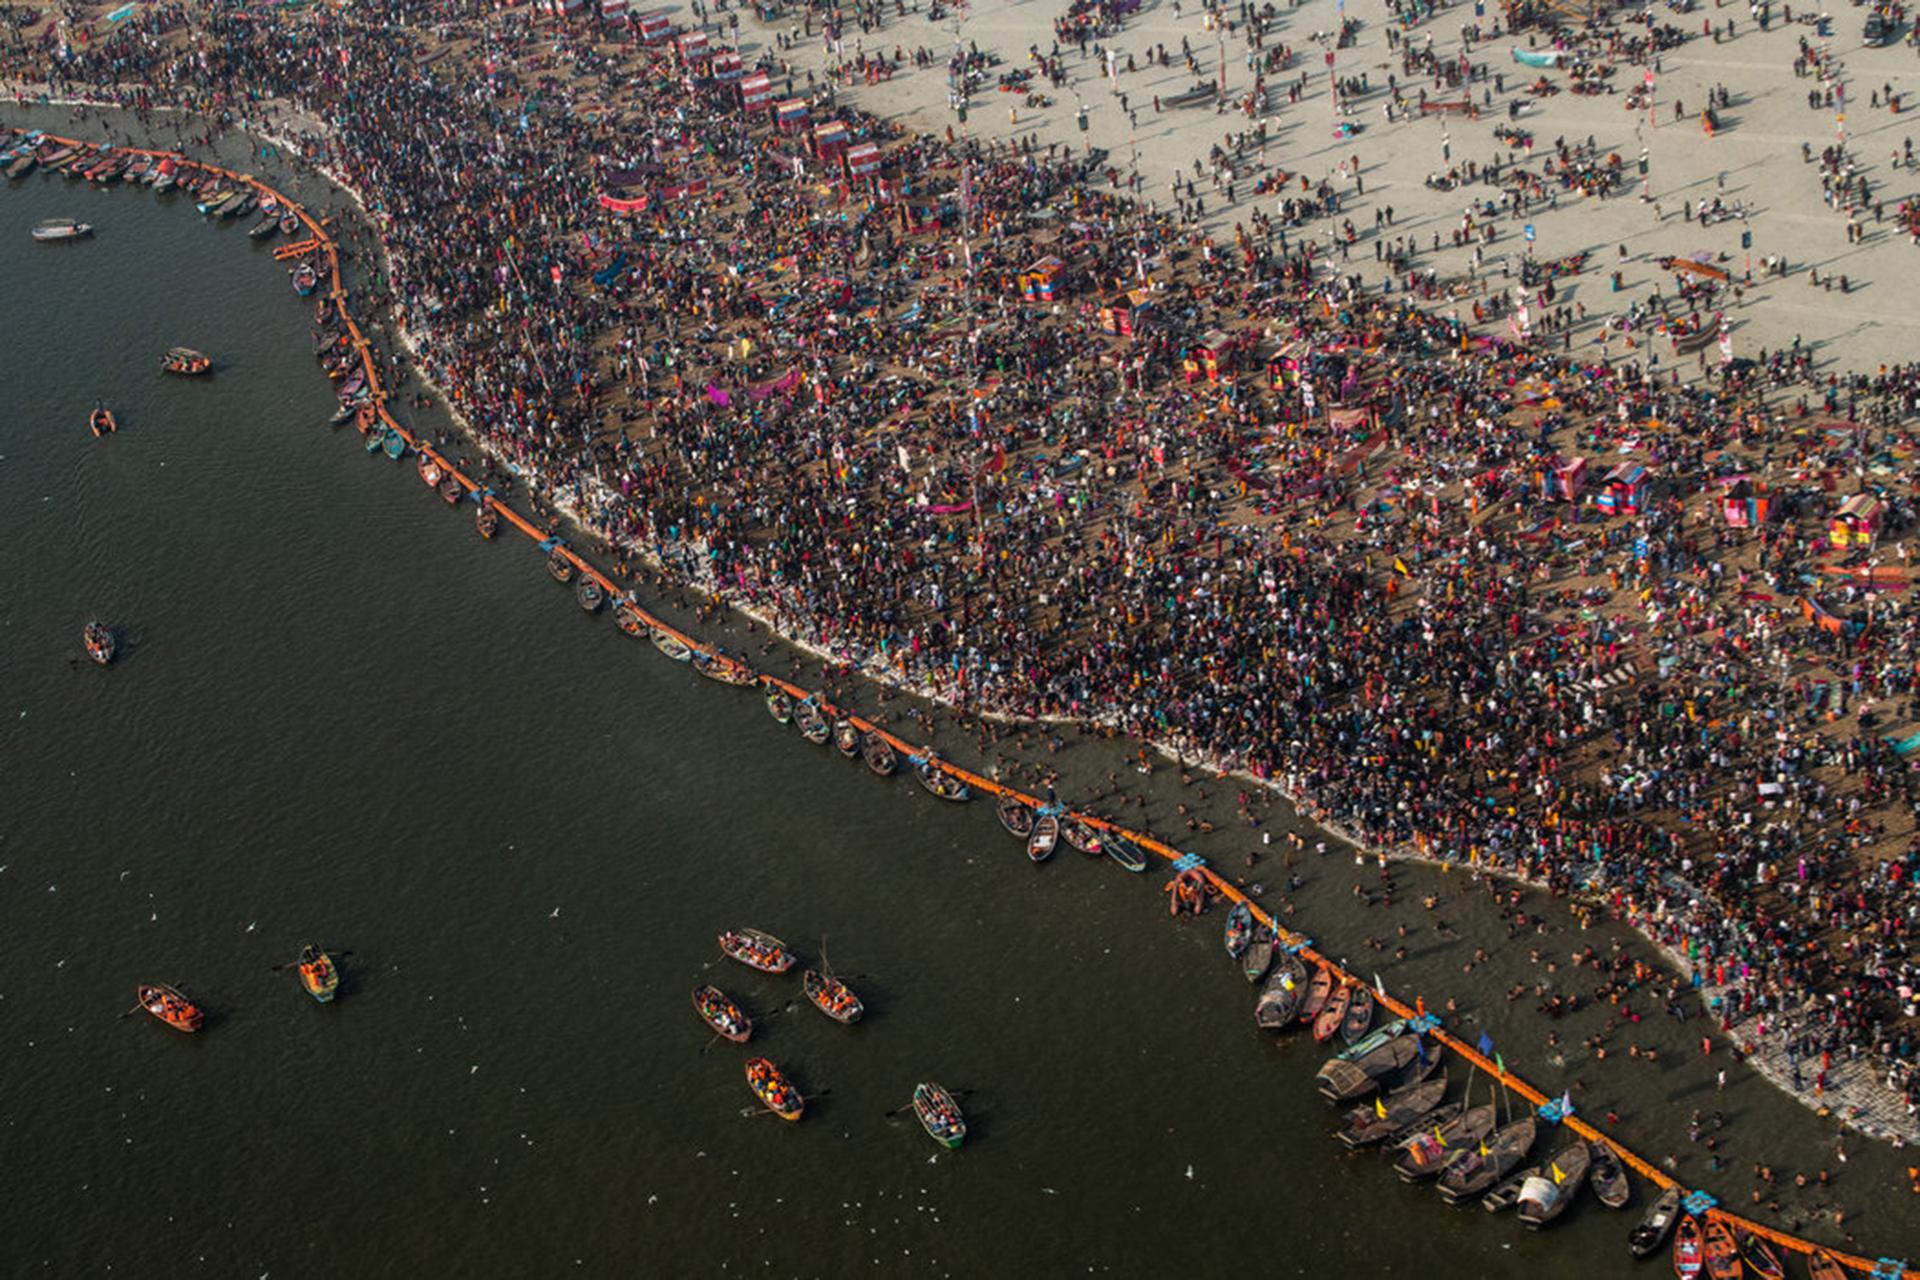 El lugar donde se realizan los baños rituales en Sangam, en la confluencia de los ríos Ganges y Yamuna. (The New York Times)